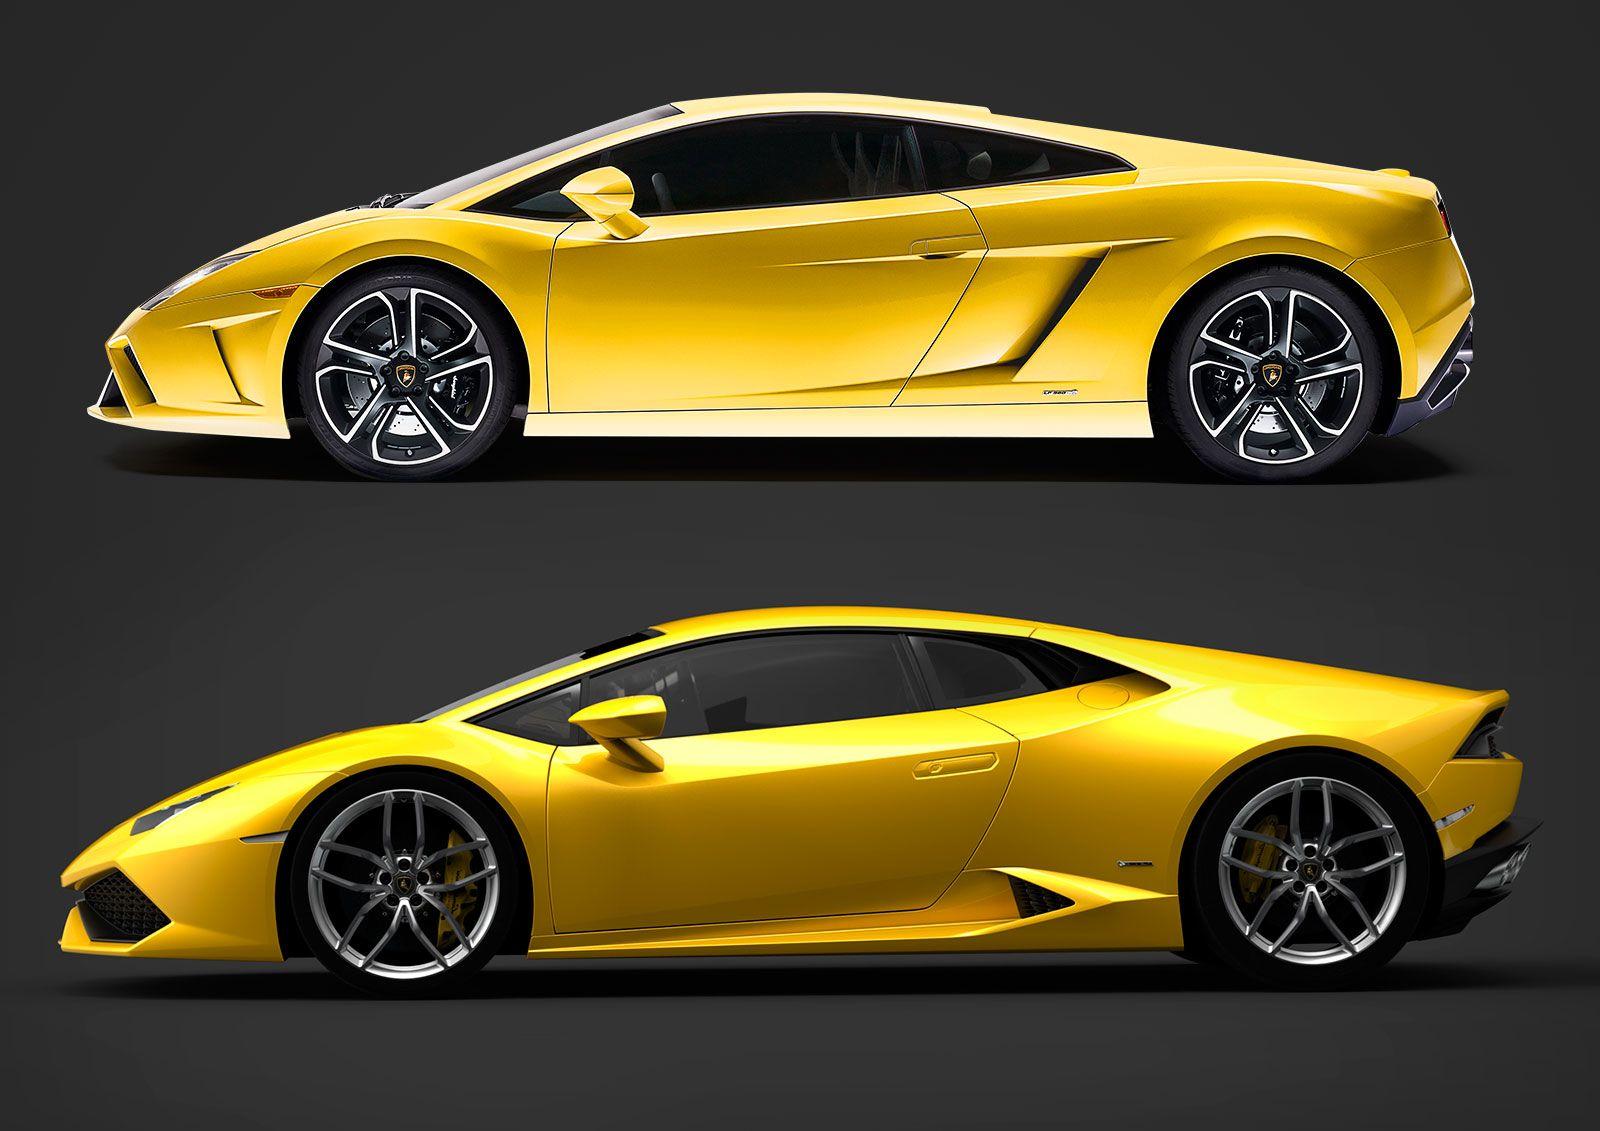 Lamborghini huracan vs gallardo